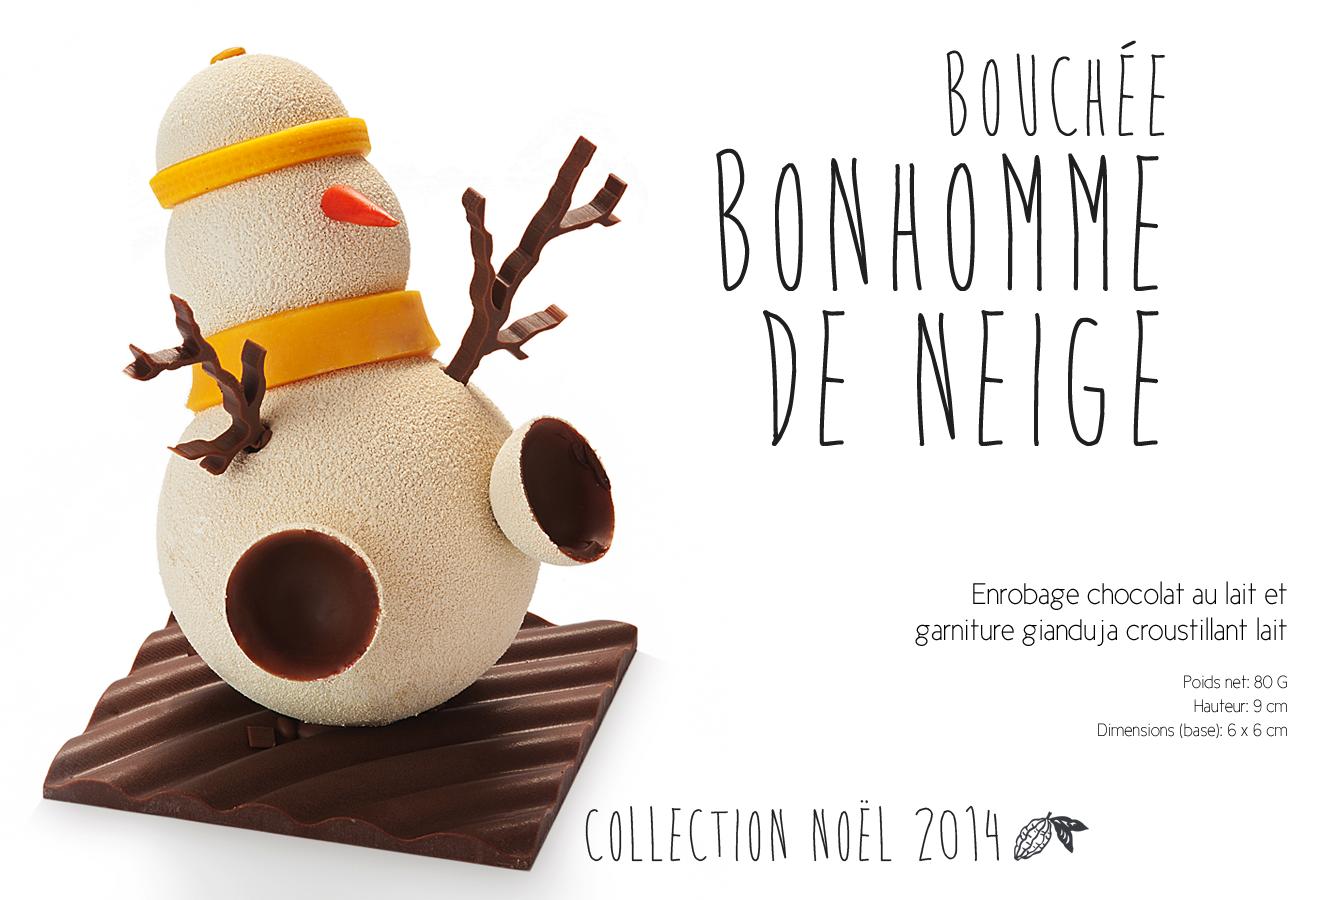 Sujet Chocolat #Noel Vincent Guerlais